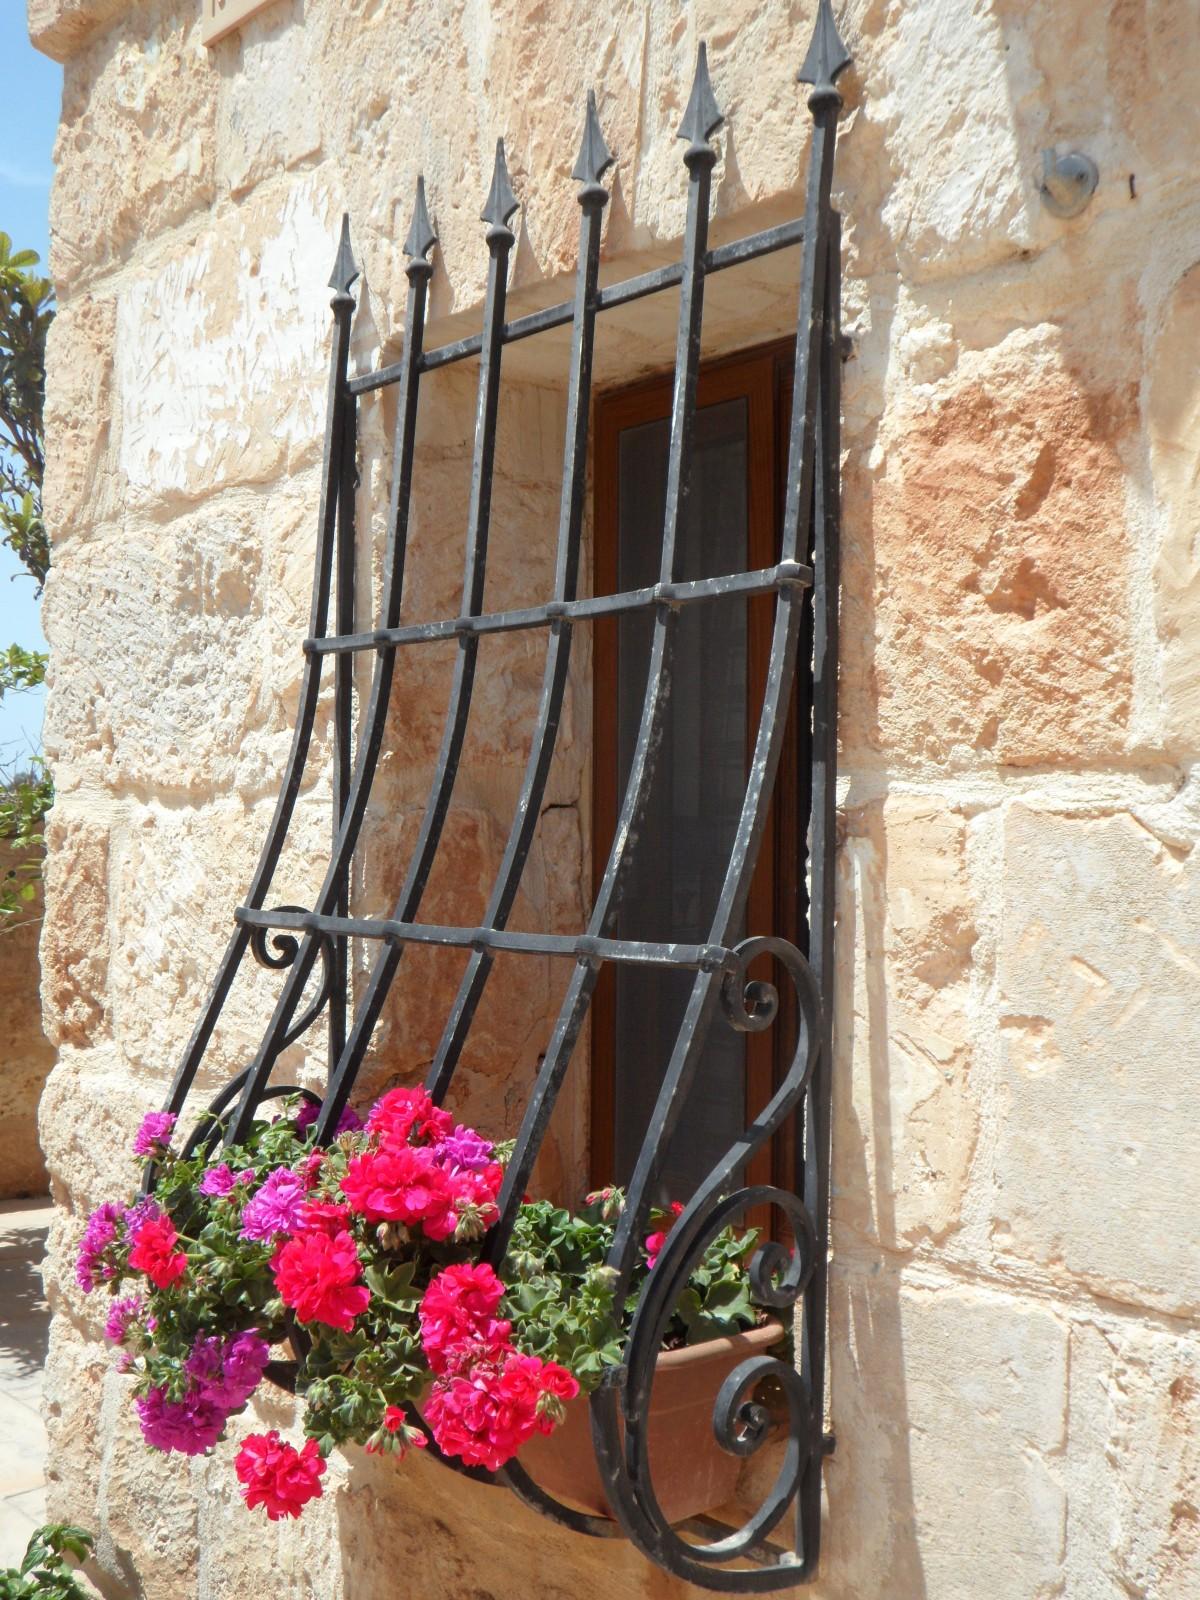 Images Gratuites Fleur Atmosphre Mur Balcon Chalet